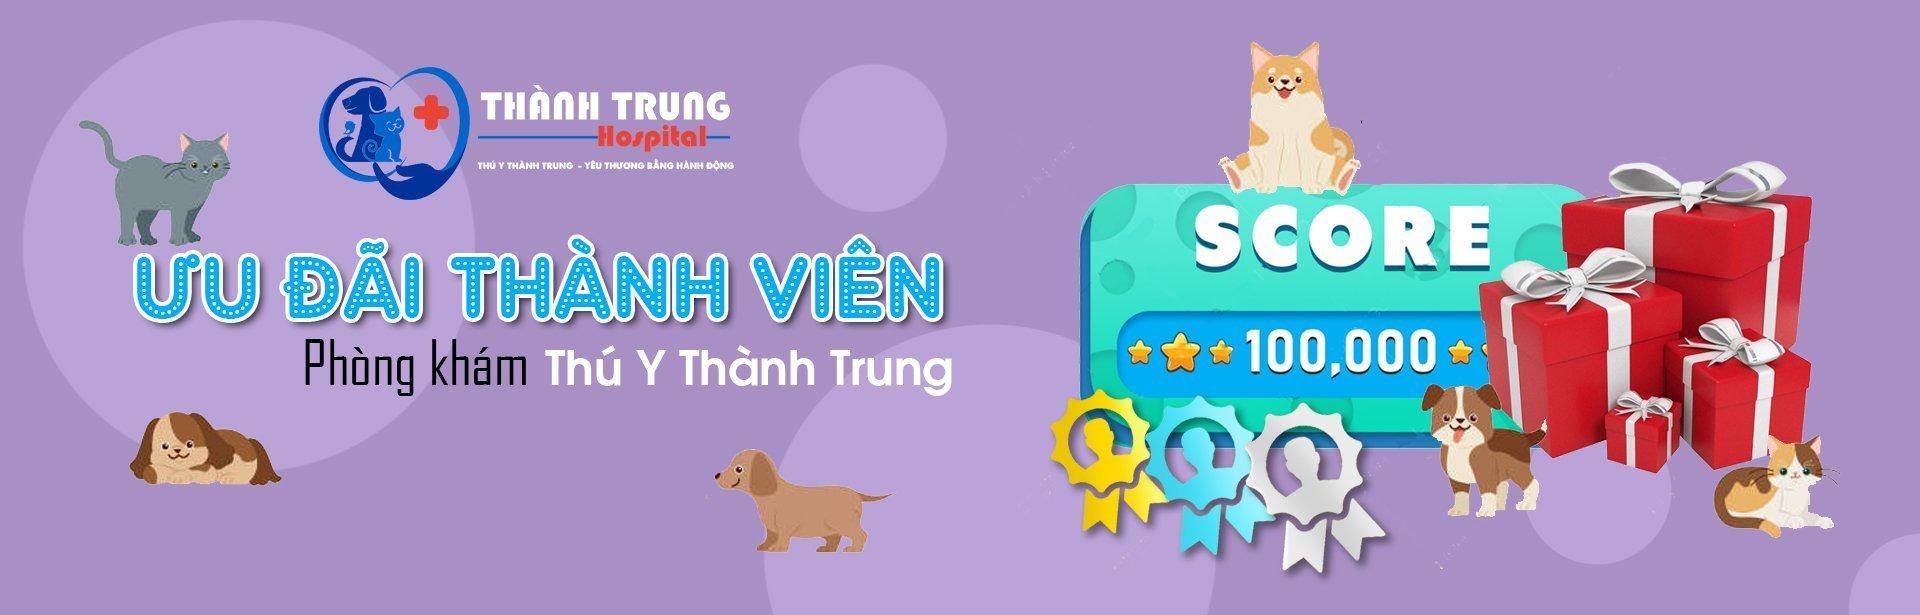 Uu Dai Thanh Vien